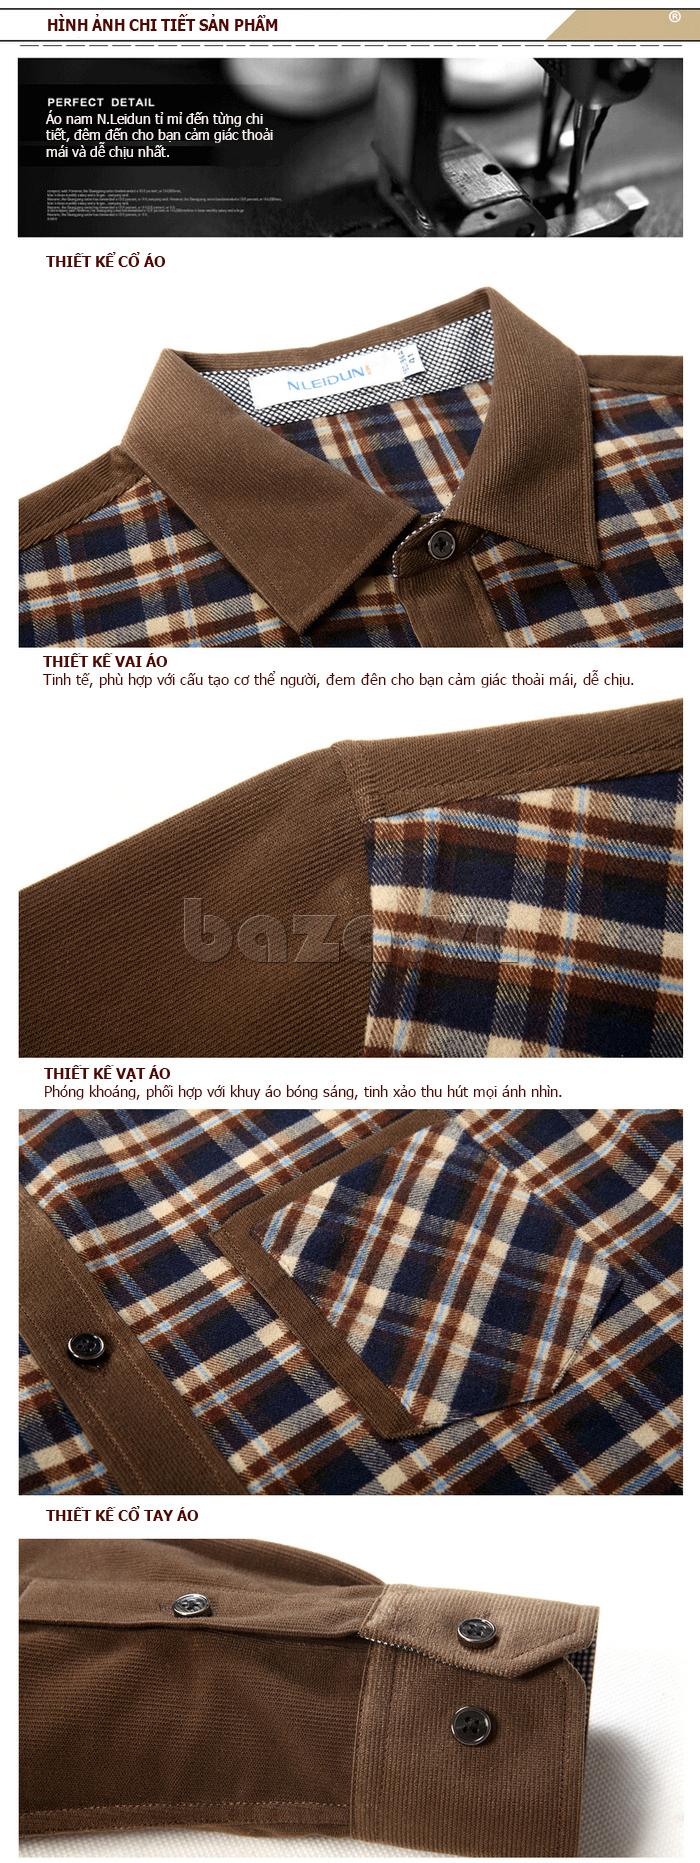 Áo sơ mi nam NLeidun S3385 kẻ ô vuông- hình ảnh chi tiết của áo sơ mi nam